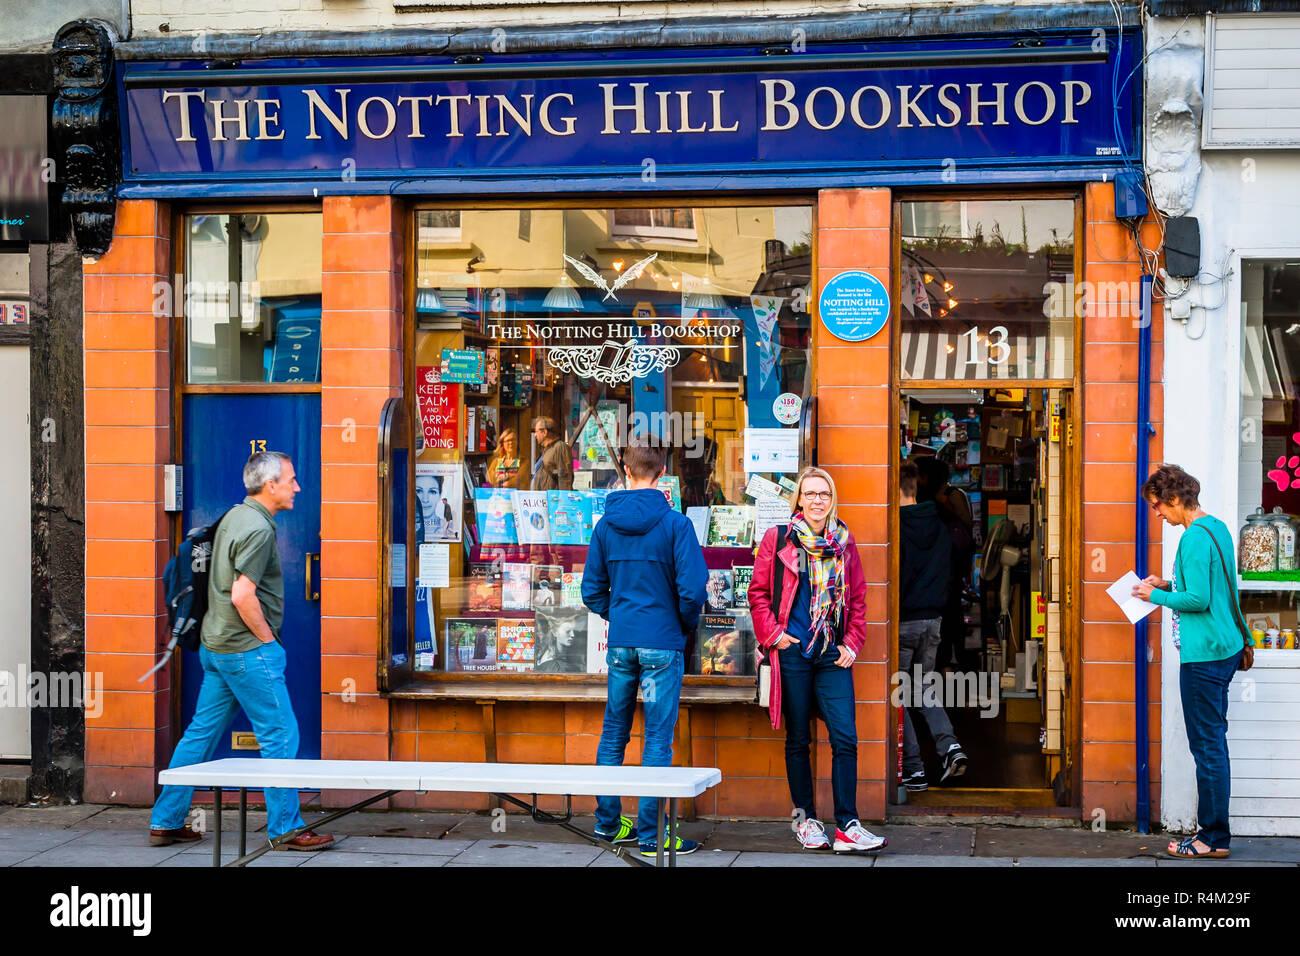 Notting Hill Bookshop, London - Stock Image